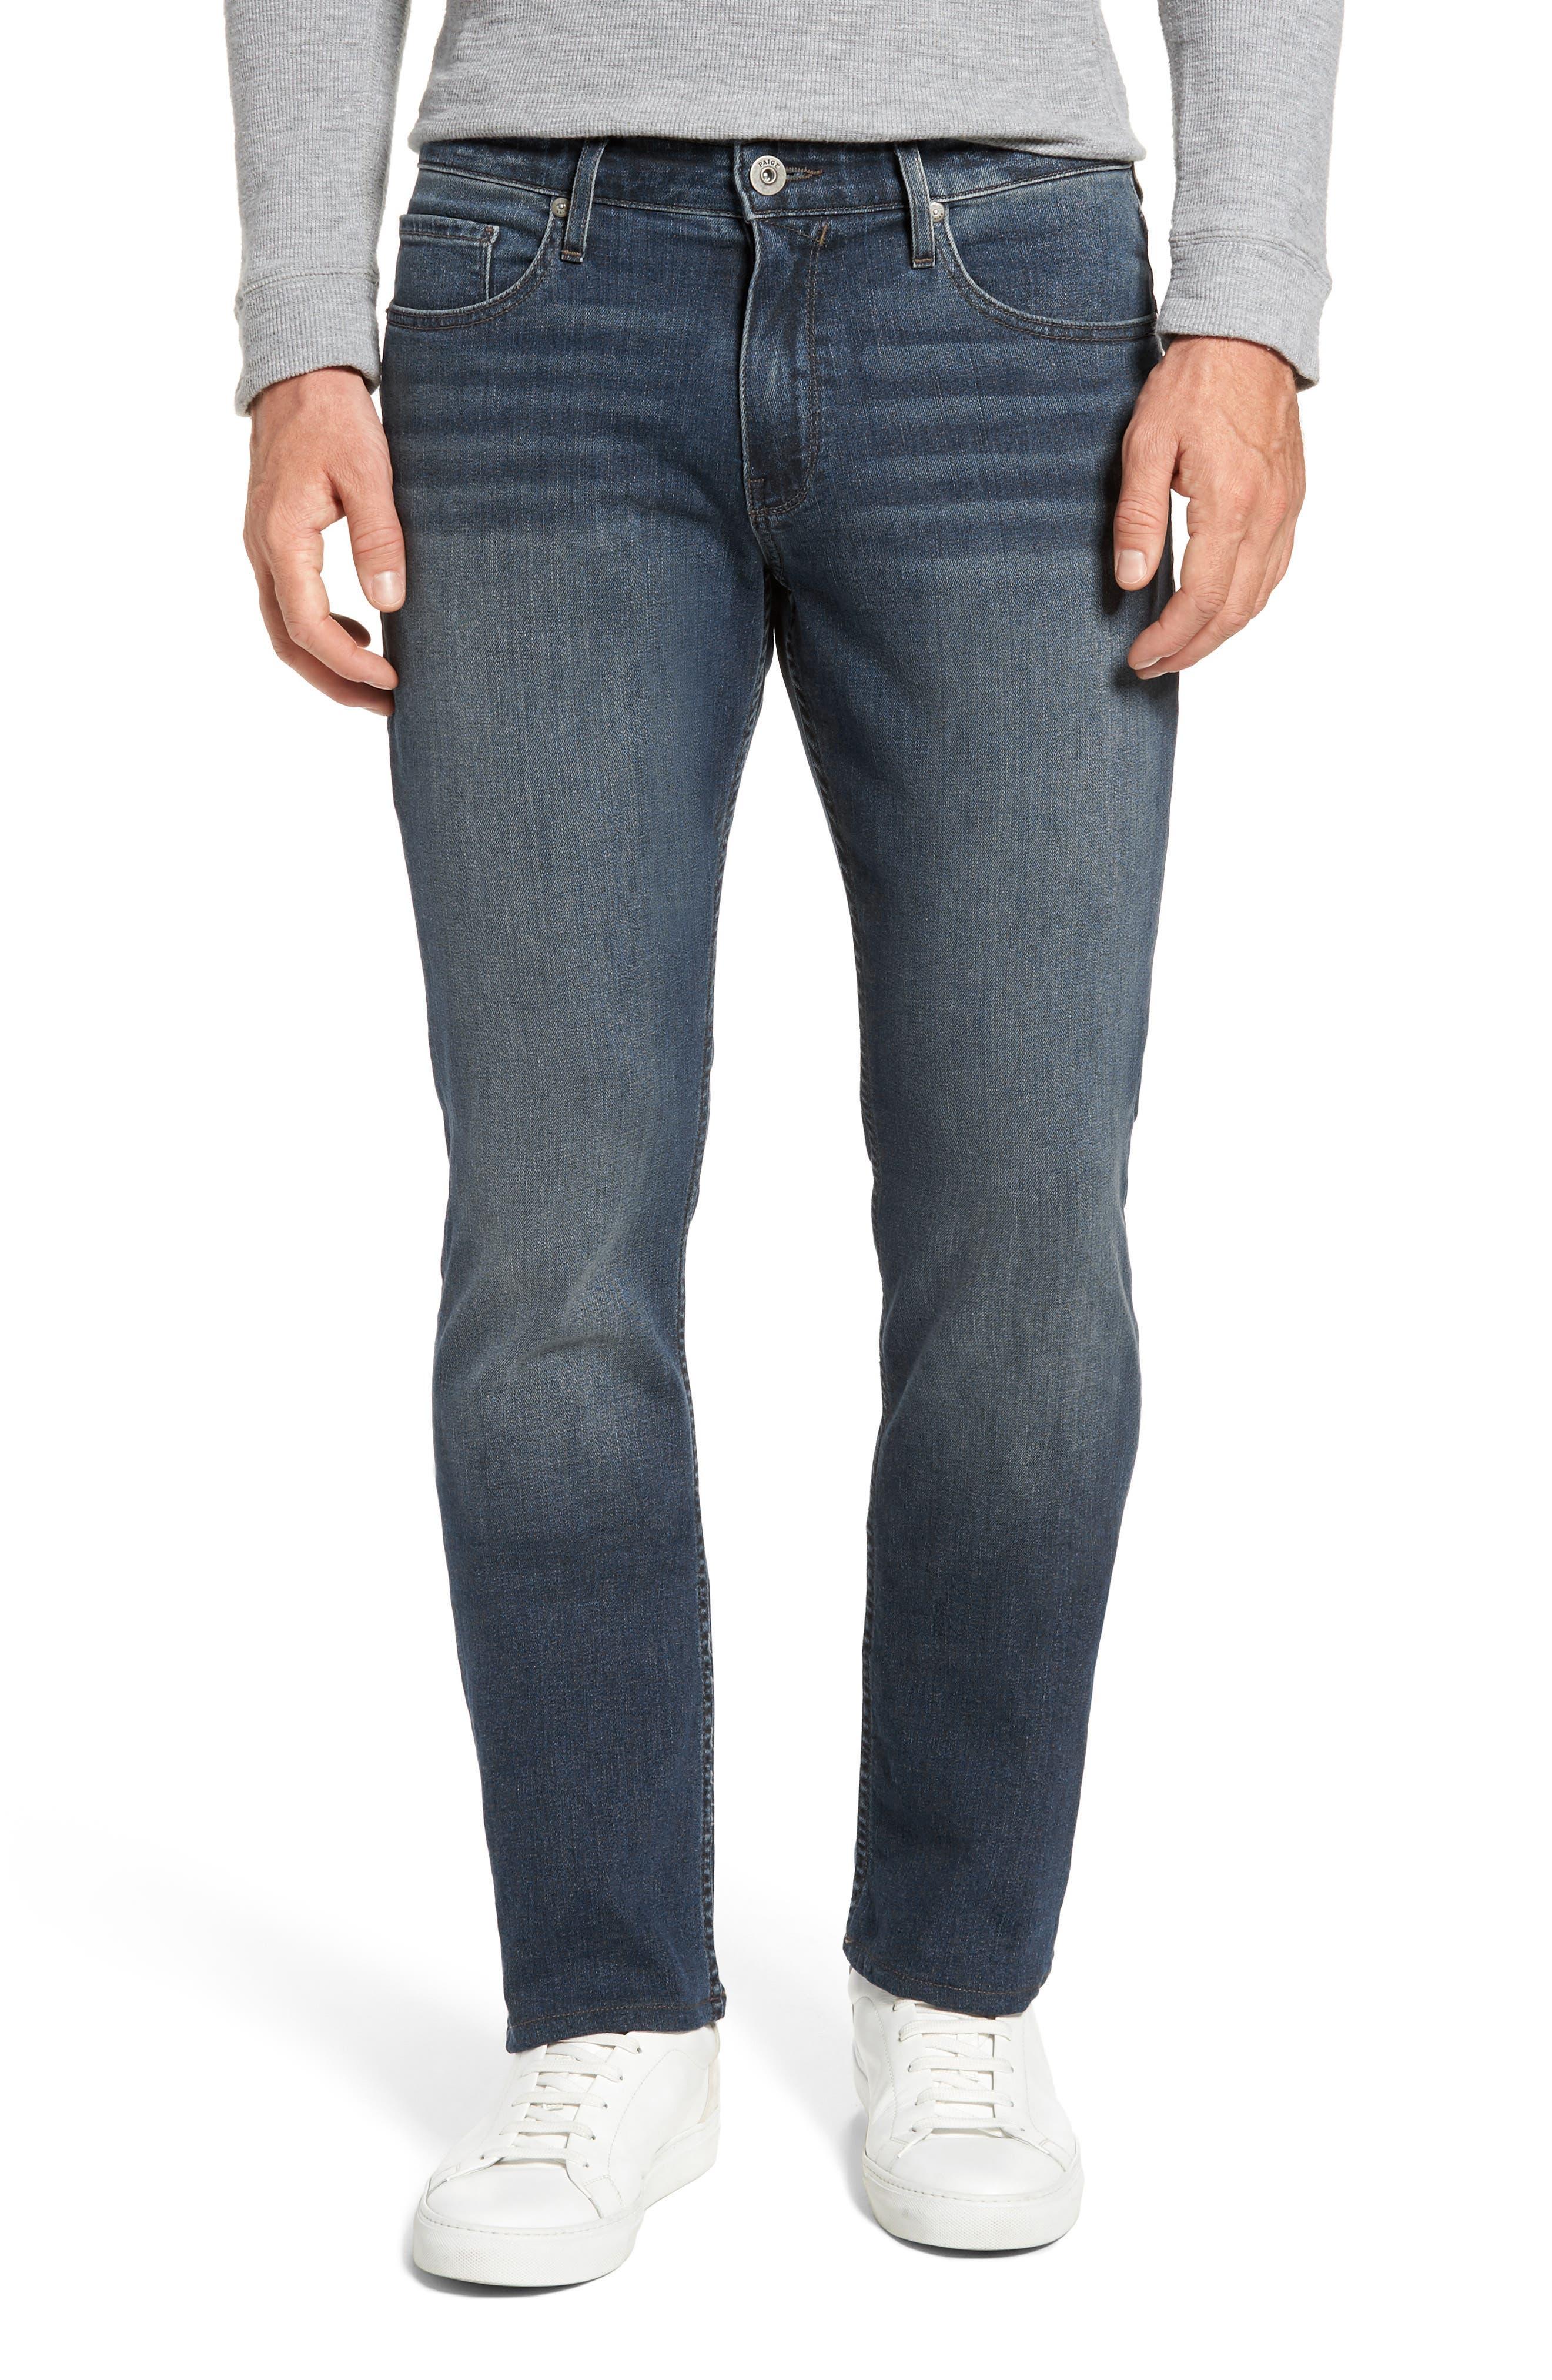 Normandie Straight Leg Jeans,                             Main thumbnail 1, color,                             Daniels